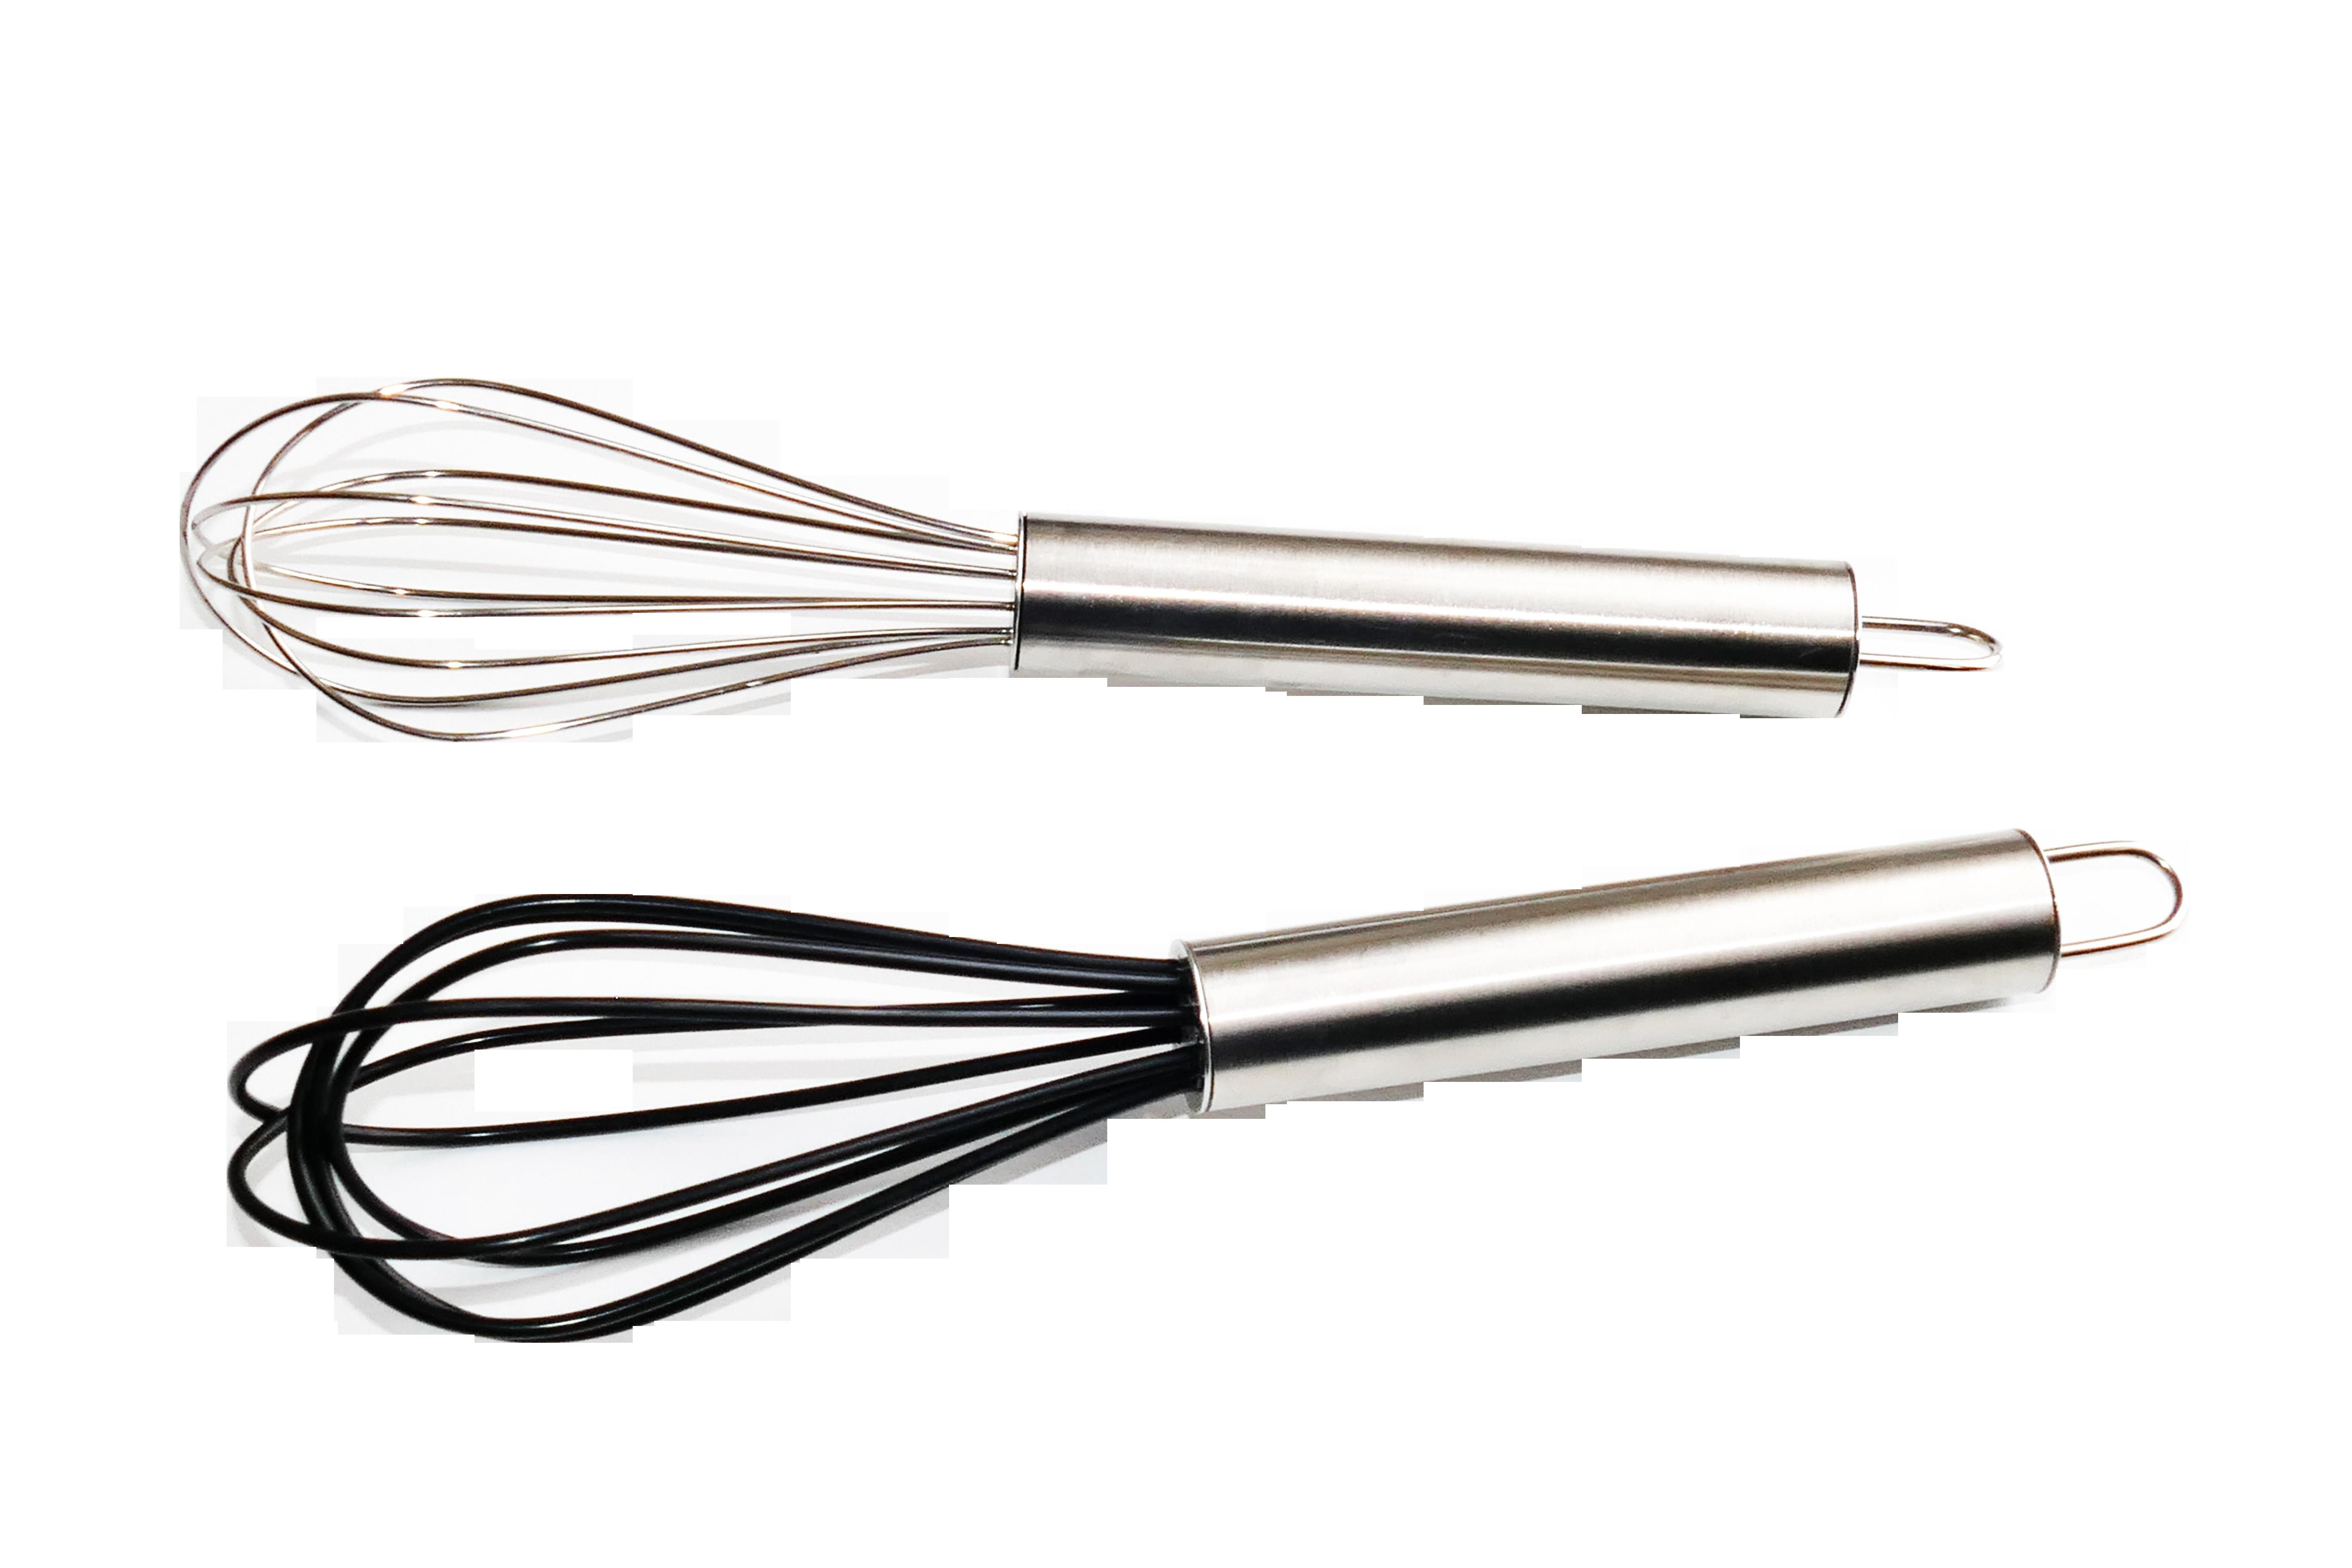 utensils-1056226_Clip